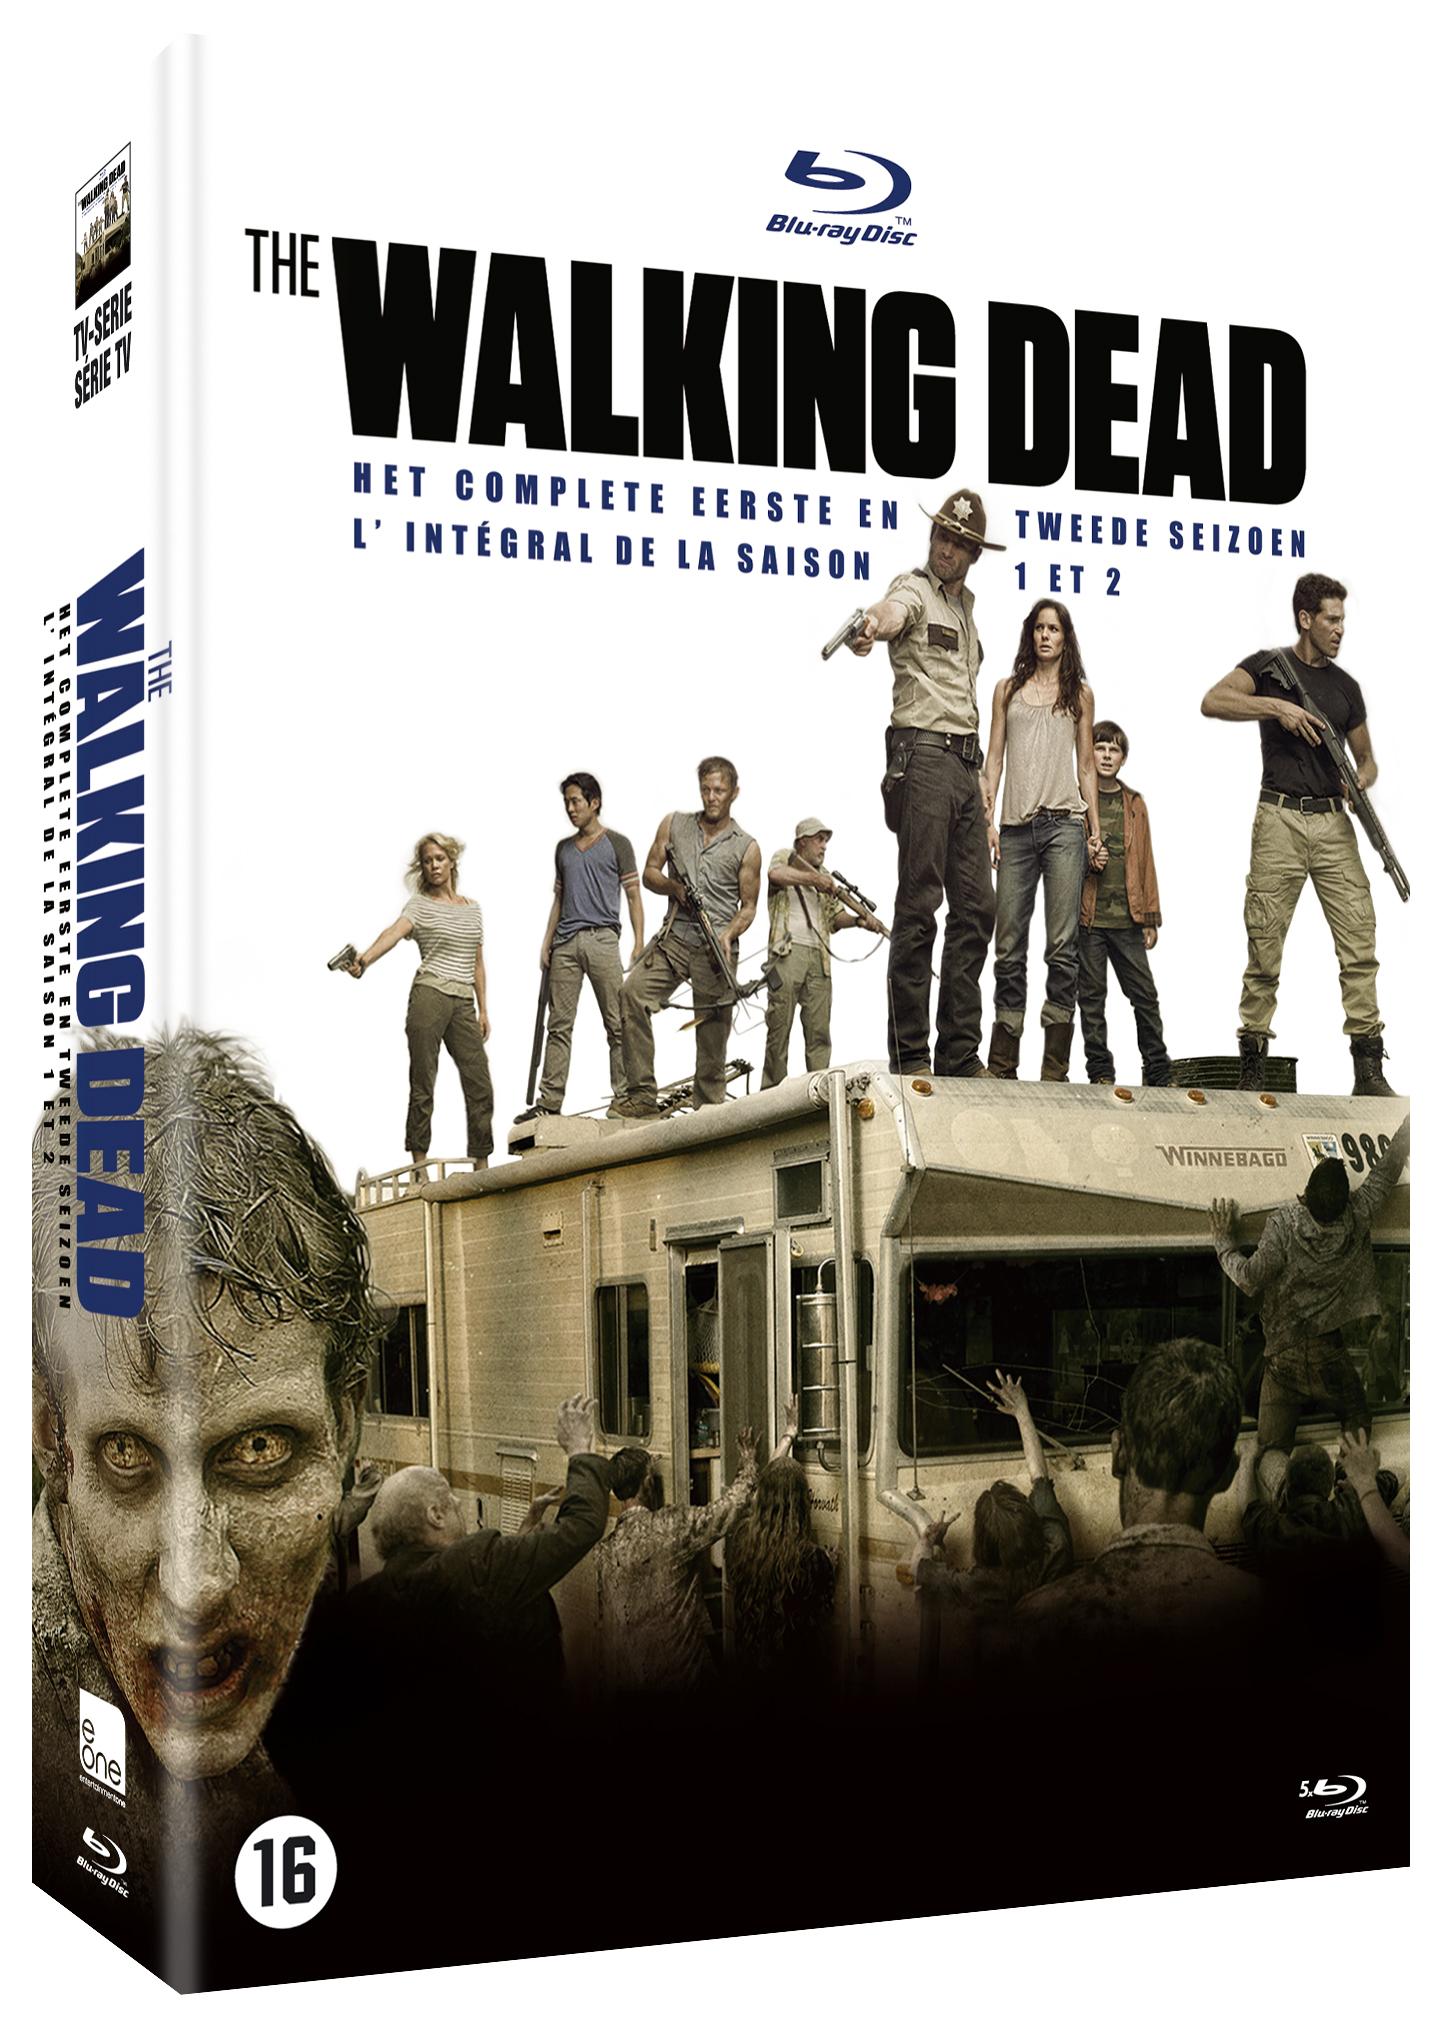 Coffret Blu-ray Walking Dead Saisons 1 et 2